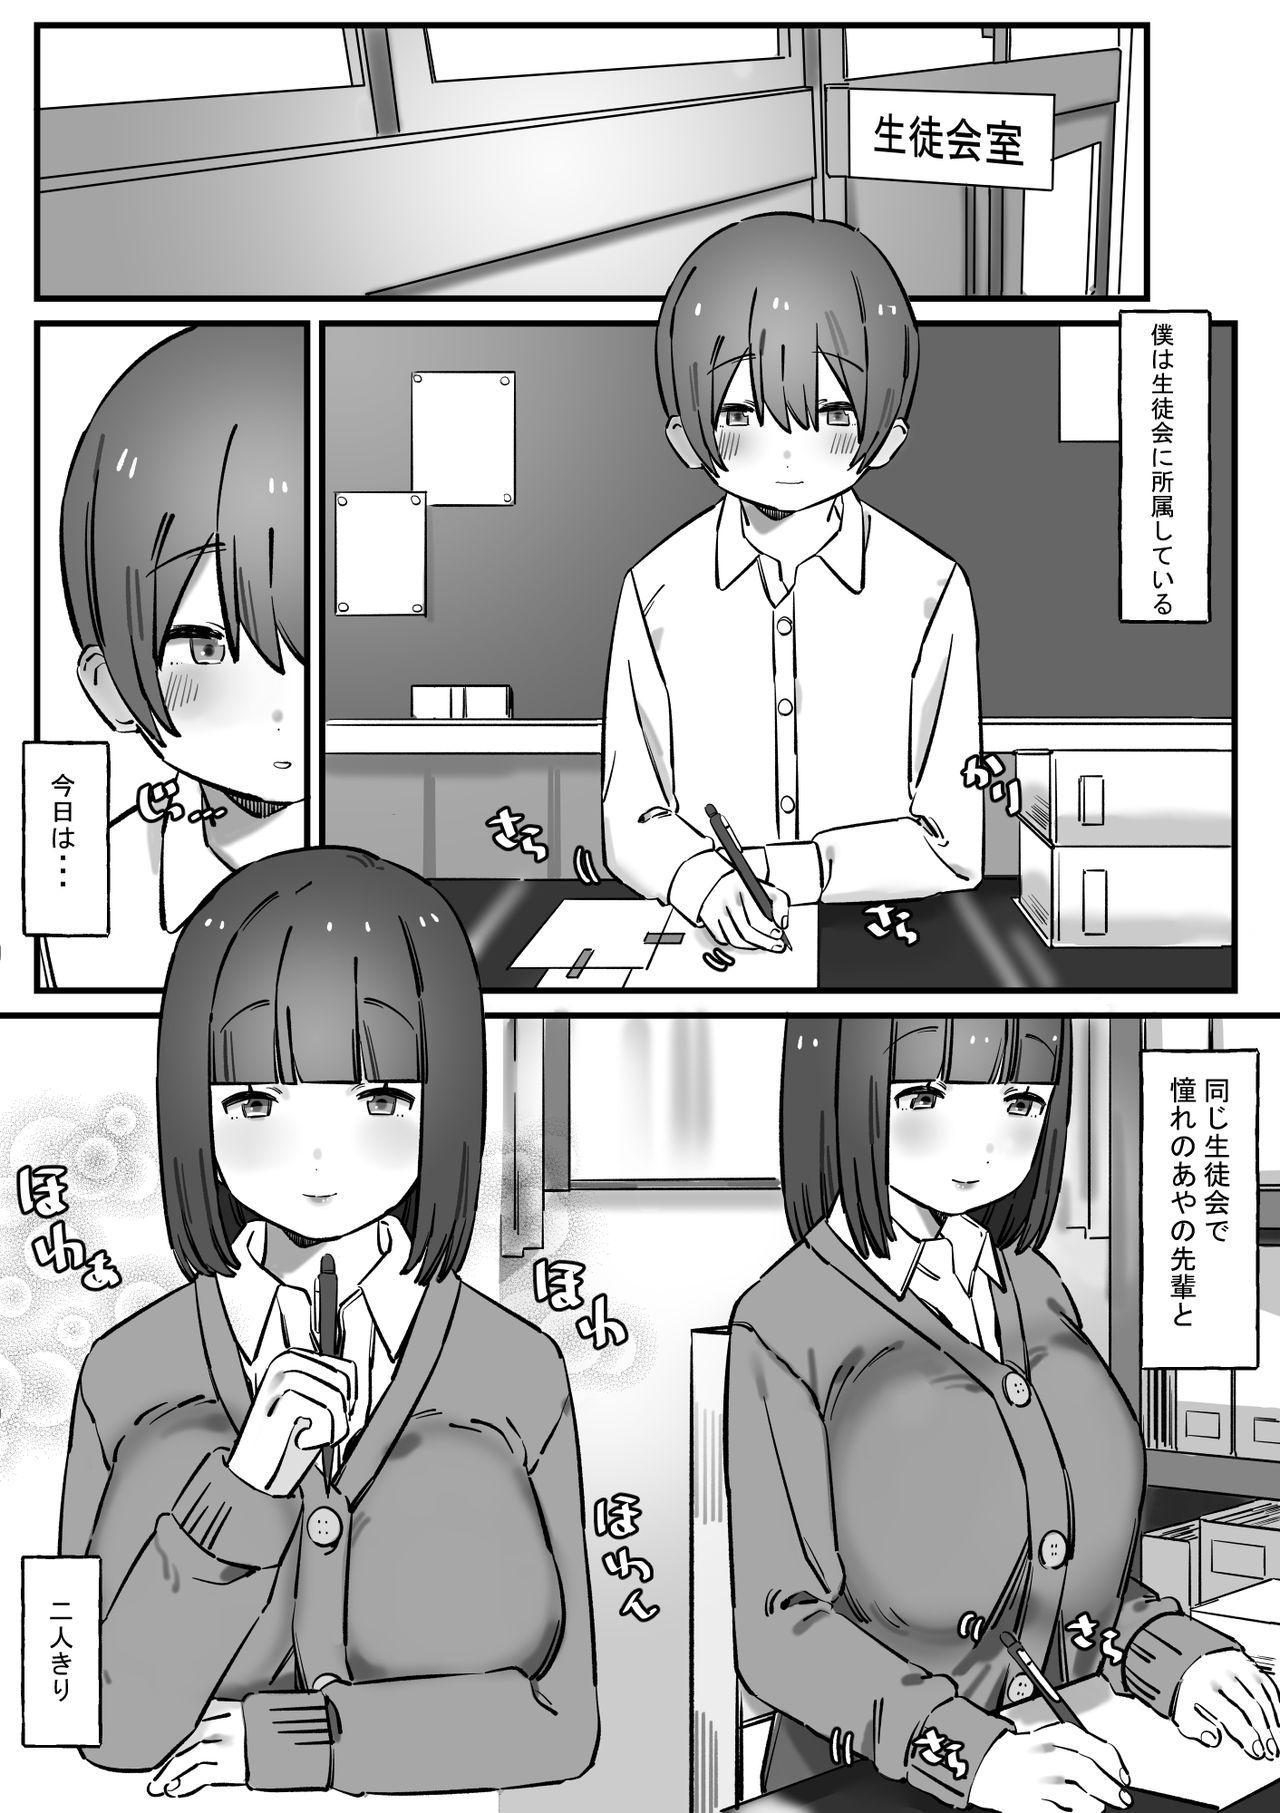 Akogare no Senpai wa Otoko o Moteasobu Waru~i Onnanoko 1